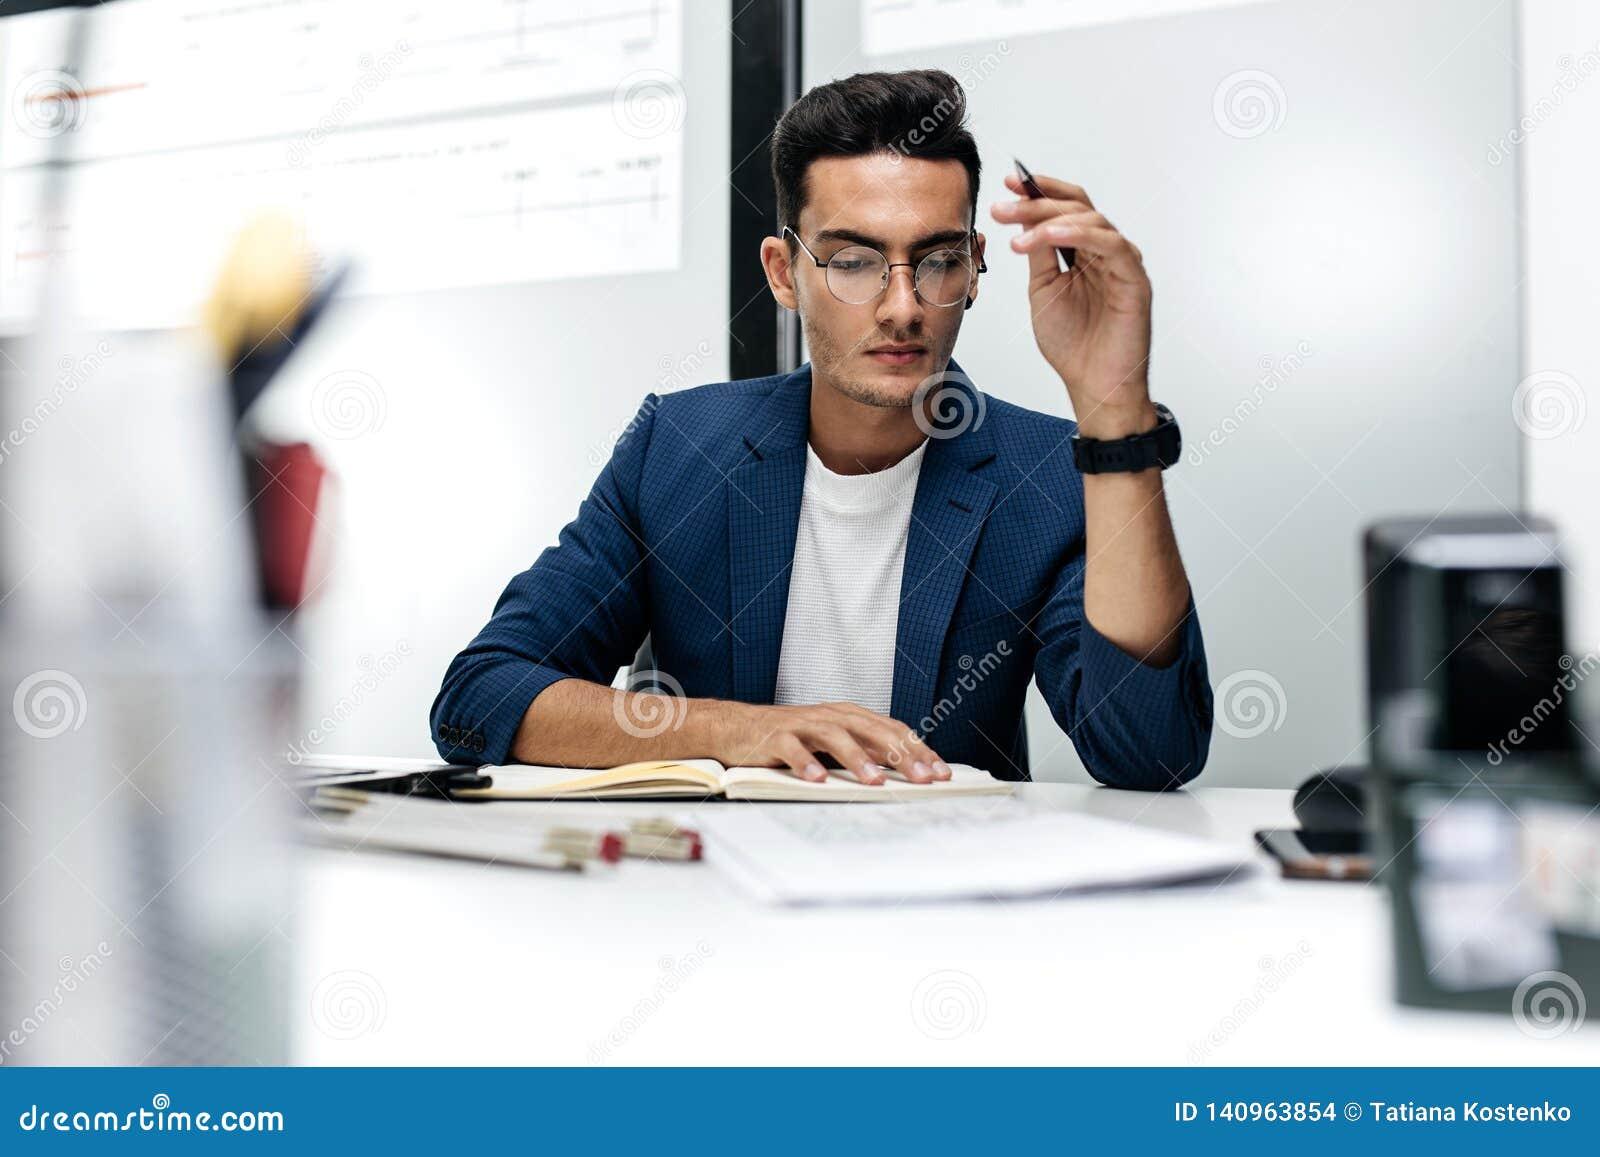 Ciemnowłosy młody architekt w szkłach w niebieskiej marynarce i pracuje z dokumentami na biurku w biurze